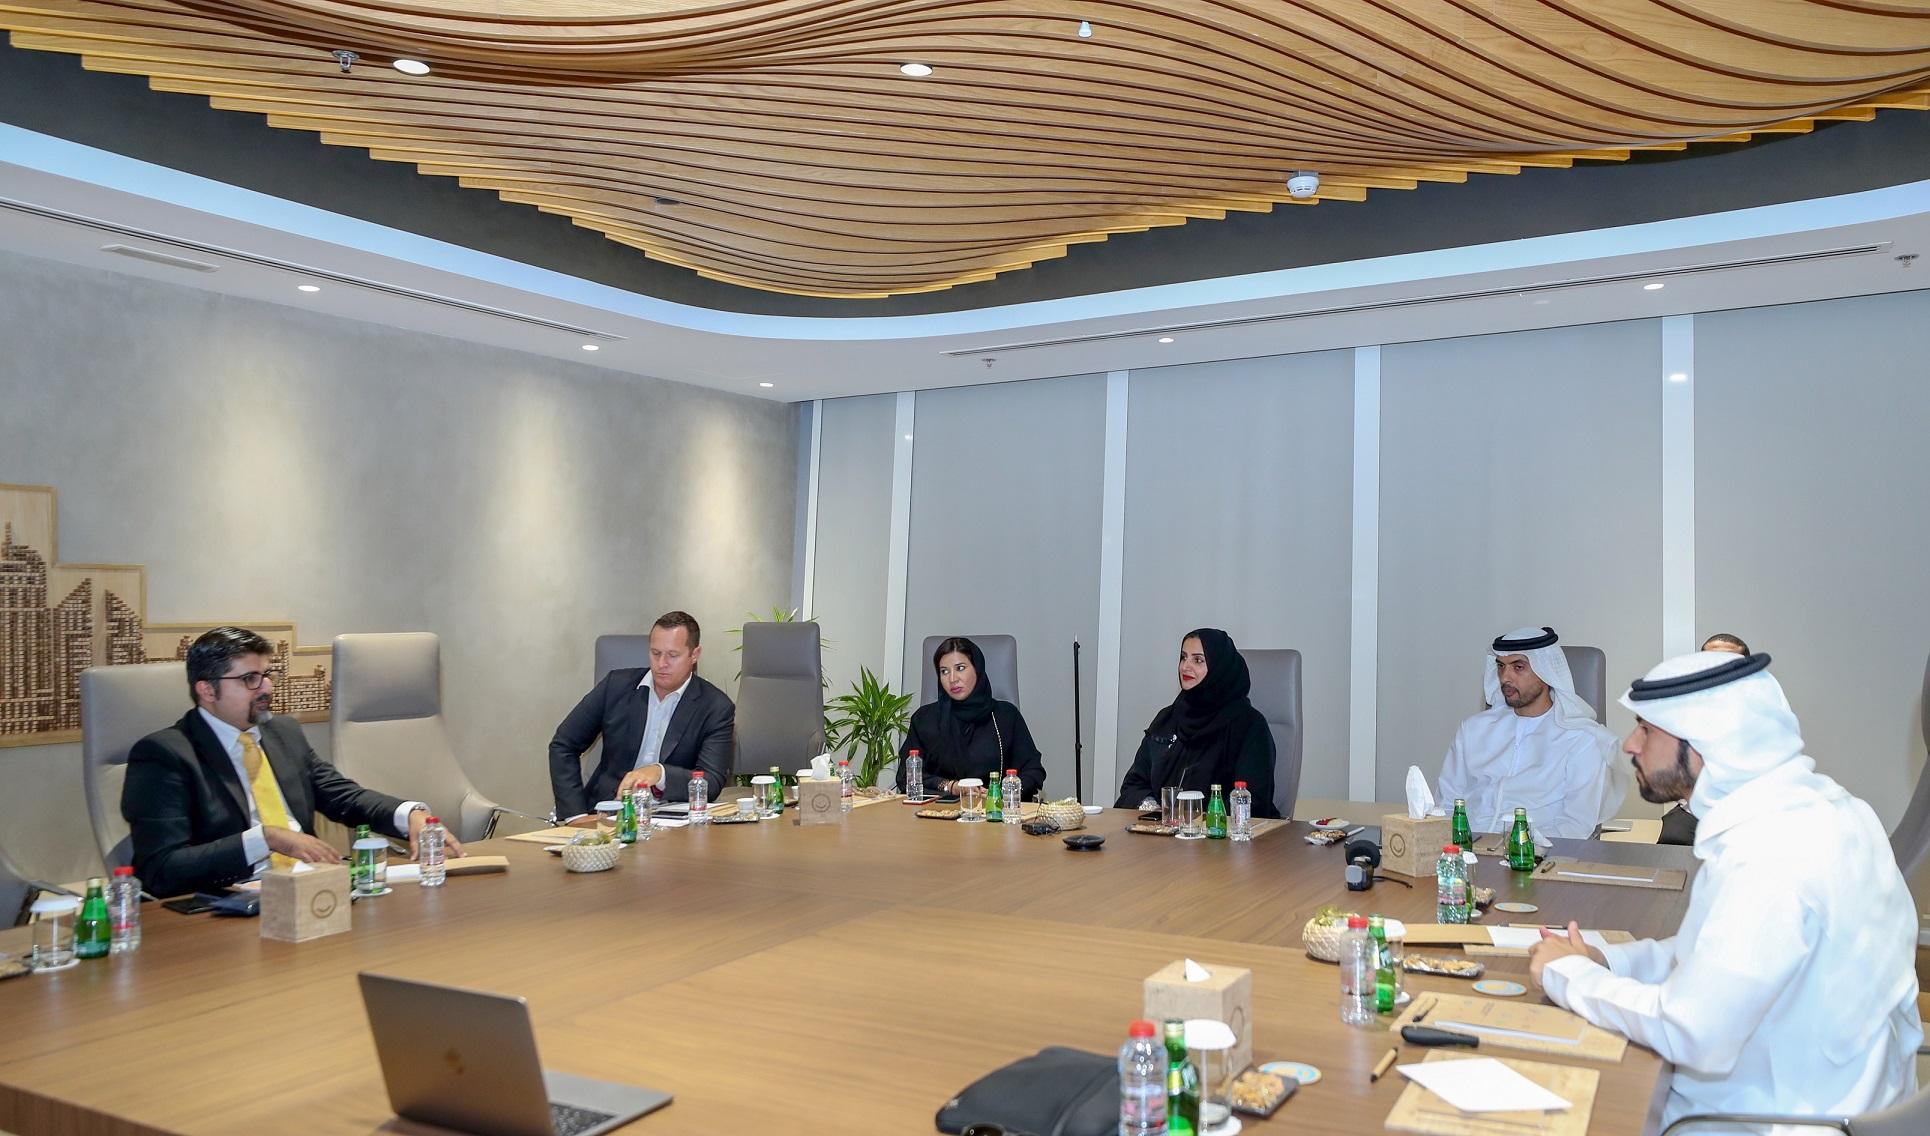 دبي الذكية تعلن عن ثلاث مبادرات نوعية بمجال البلوك تشين